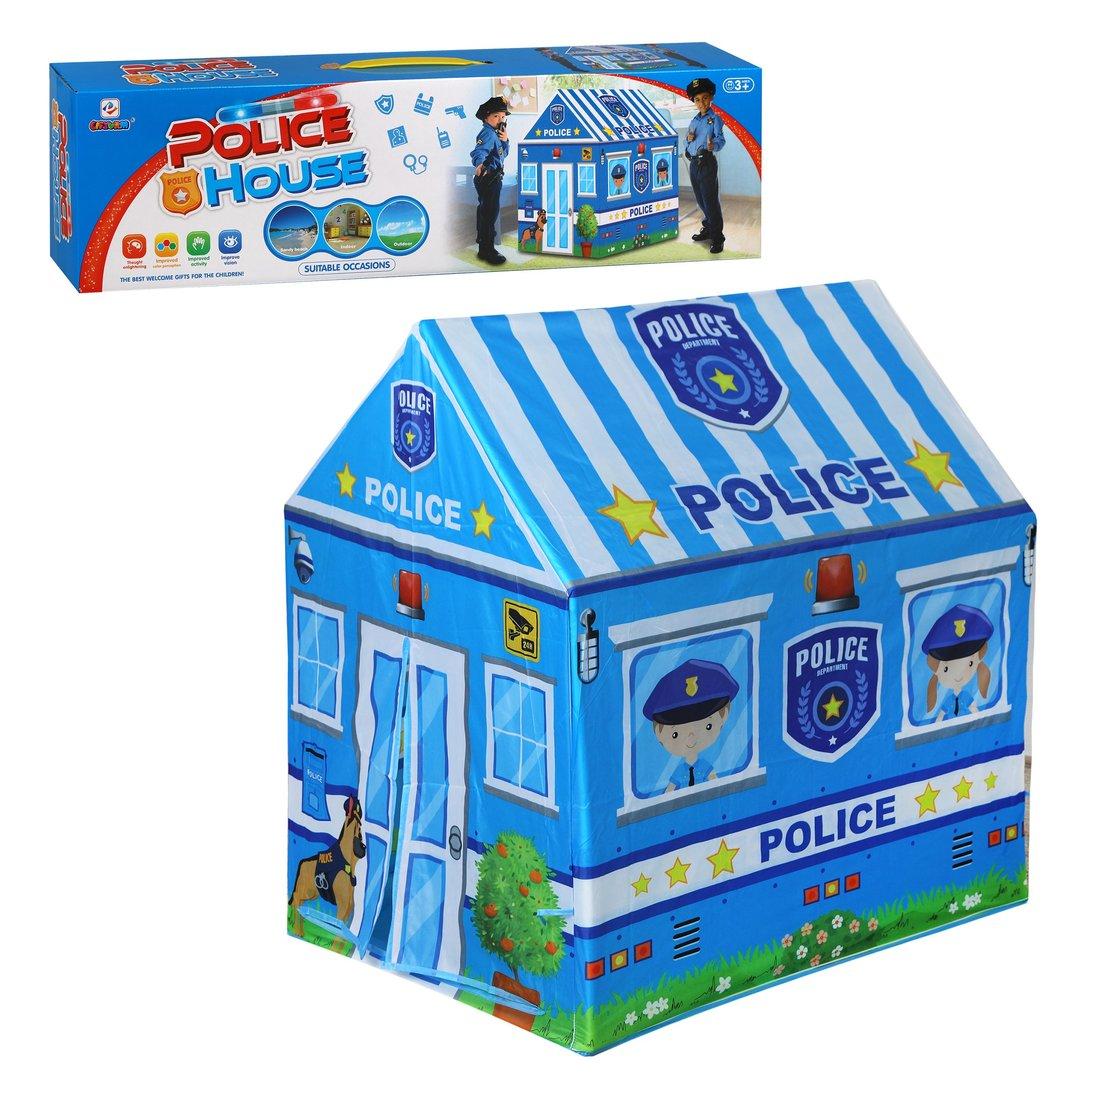 Купить Игровая палатка Полиция 69х93х103 см Наша Игрушка 644543, Наша игрушка,